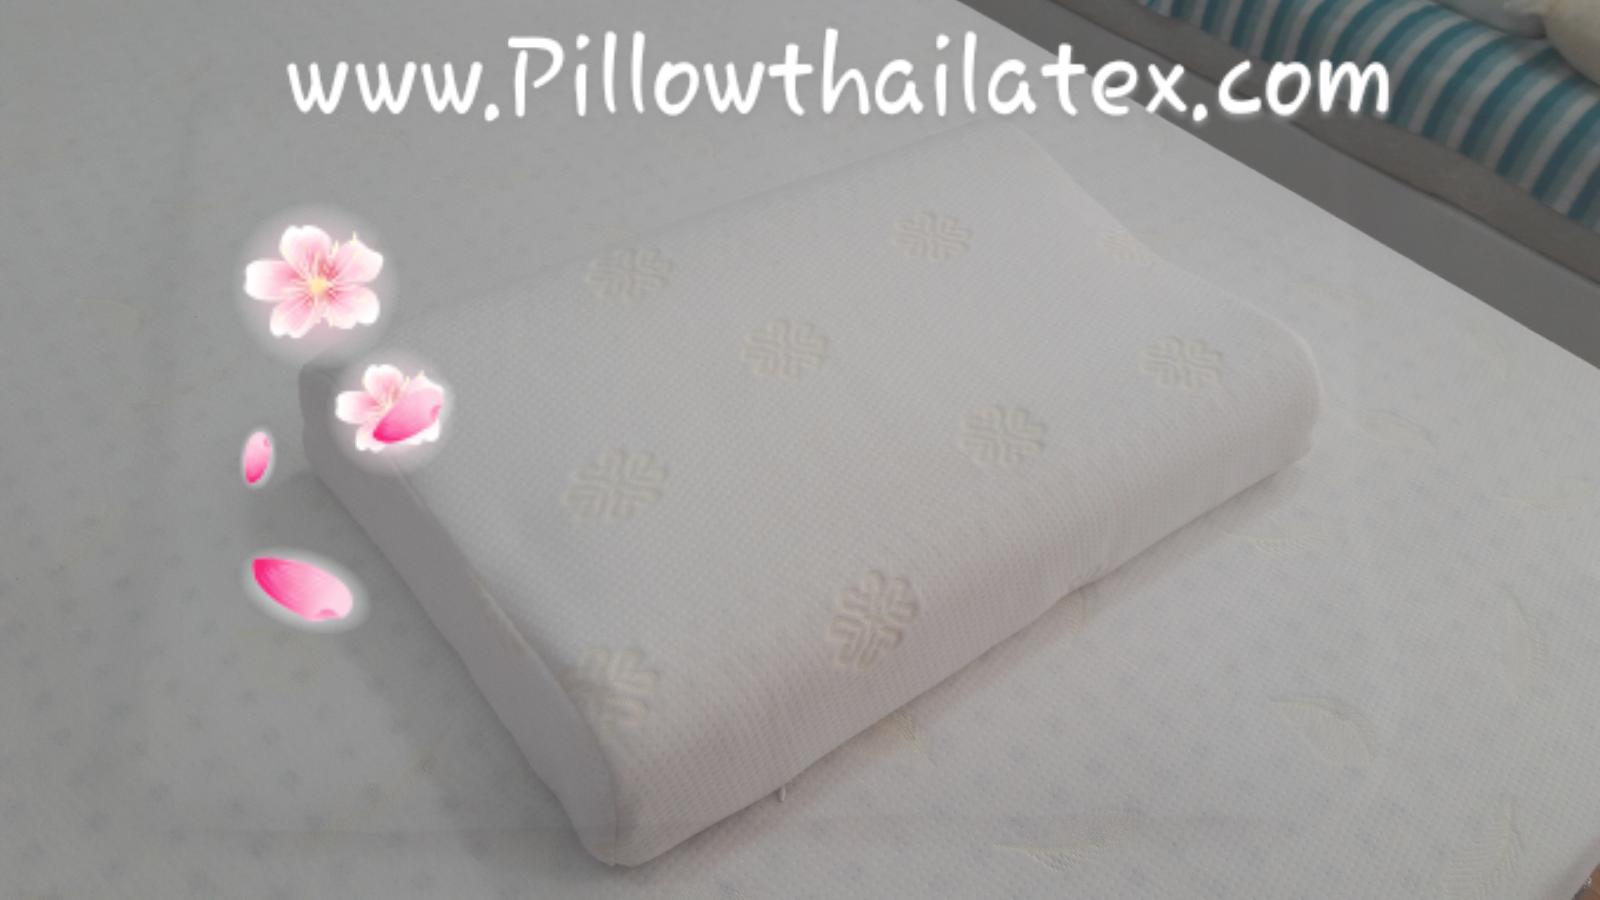 หมอนยางพารา รุ่นคอนทัวร์เรียบ Contour Big Pillow